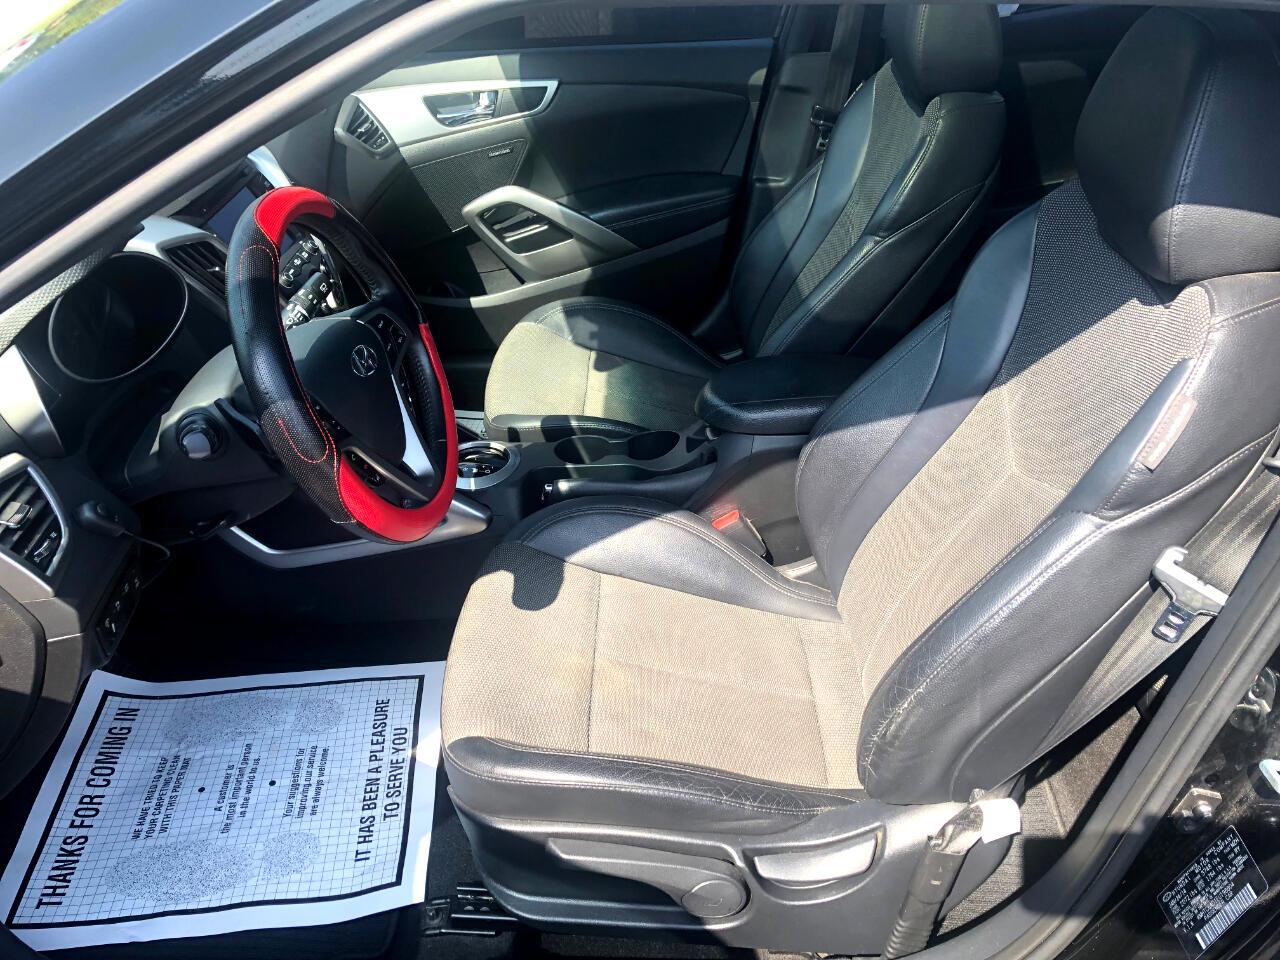 2014 Hyundai Veloster 3dr Cpe Auto w/Black Int